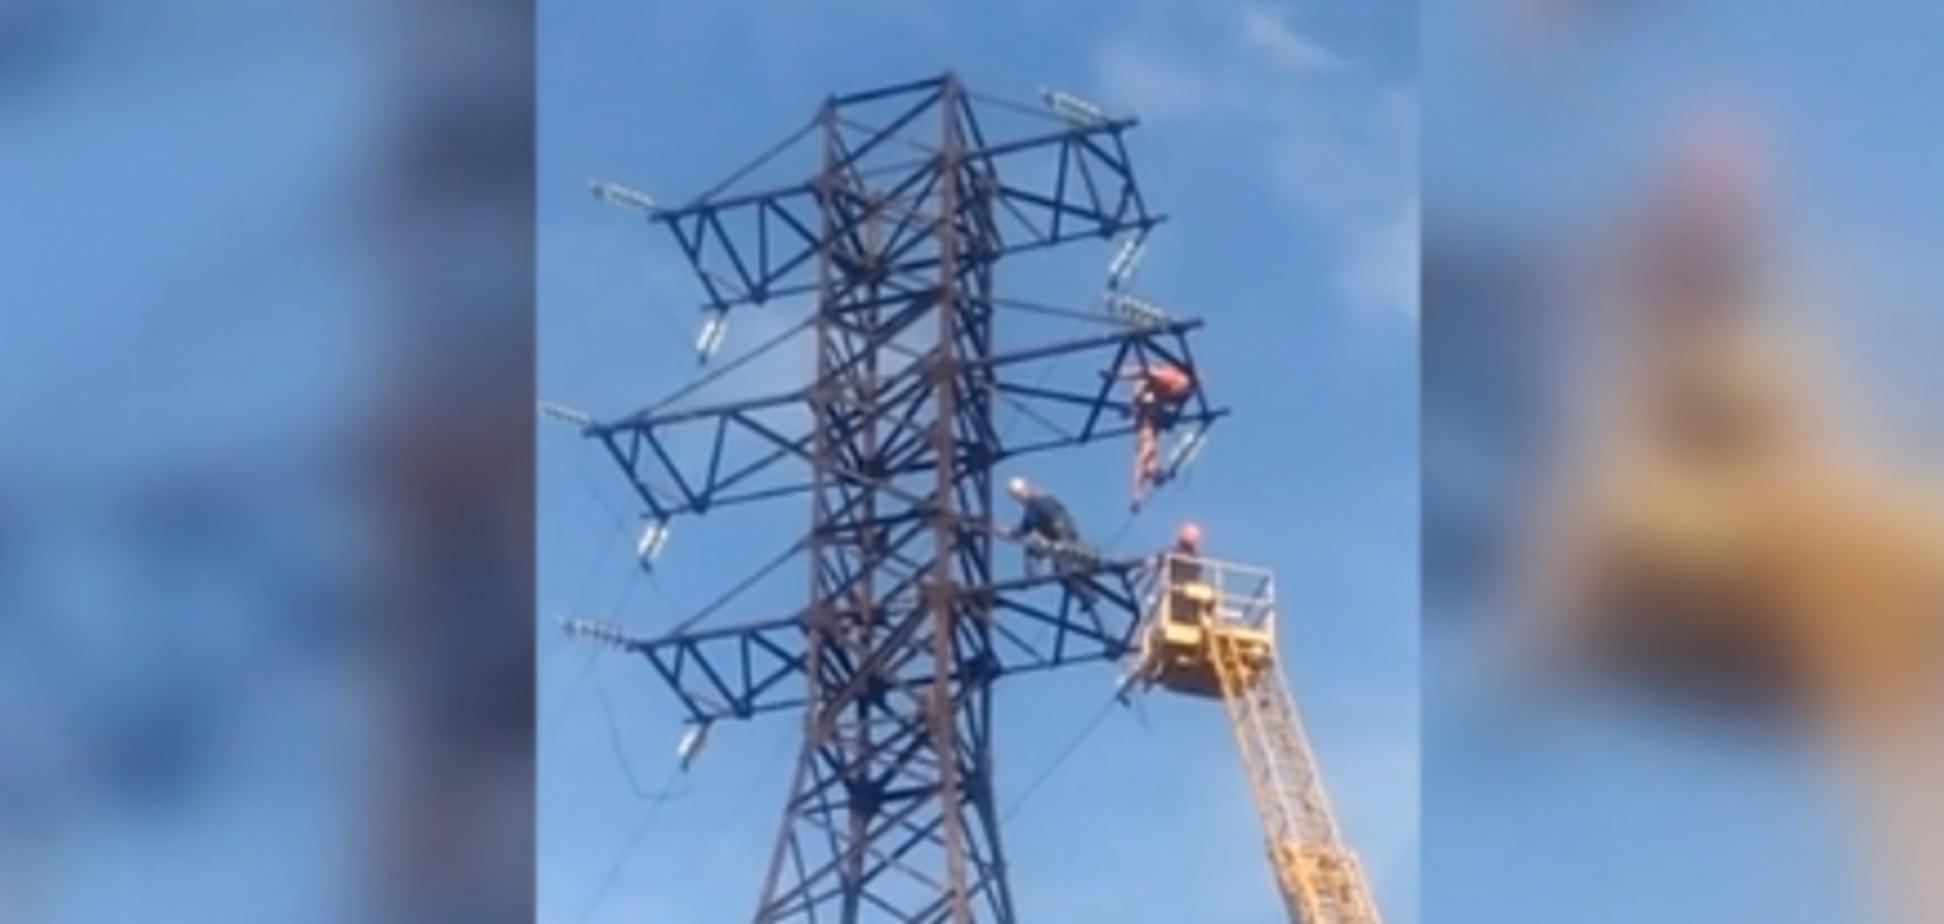 На Николевщине подросток сорвался с башни из-за селфи. Источник: Кадр из видео